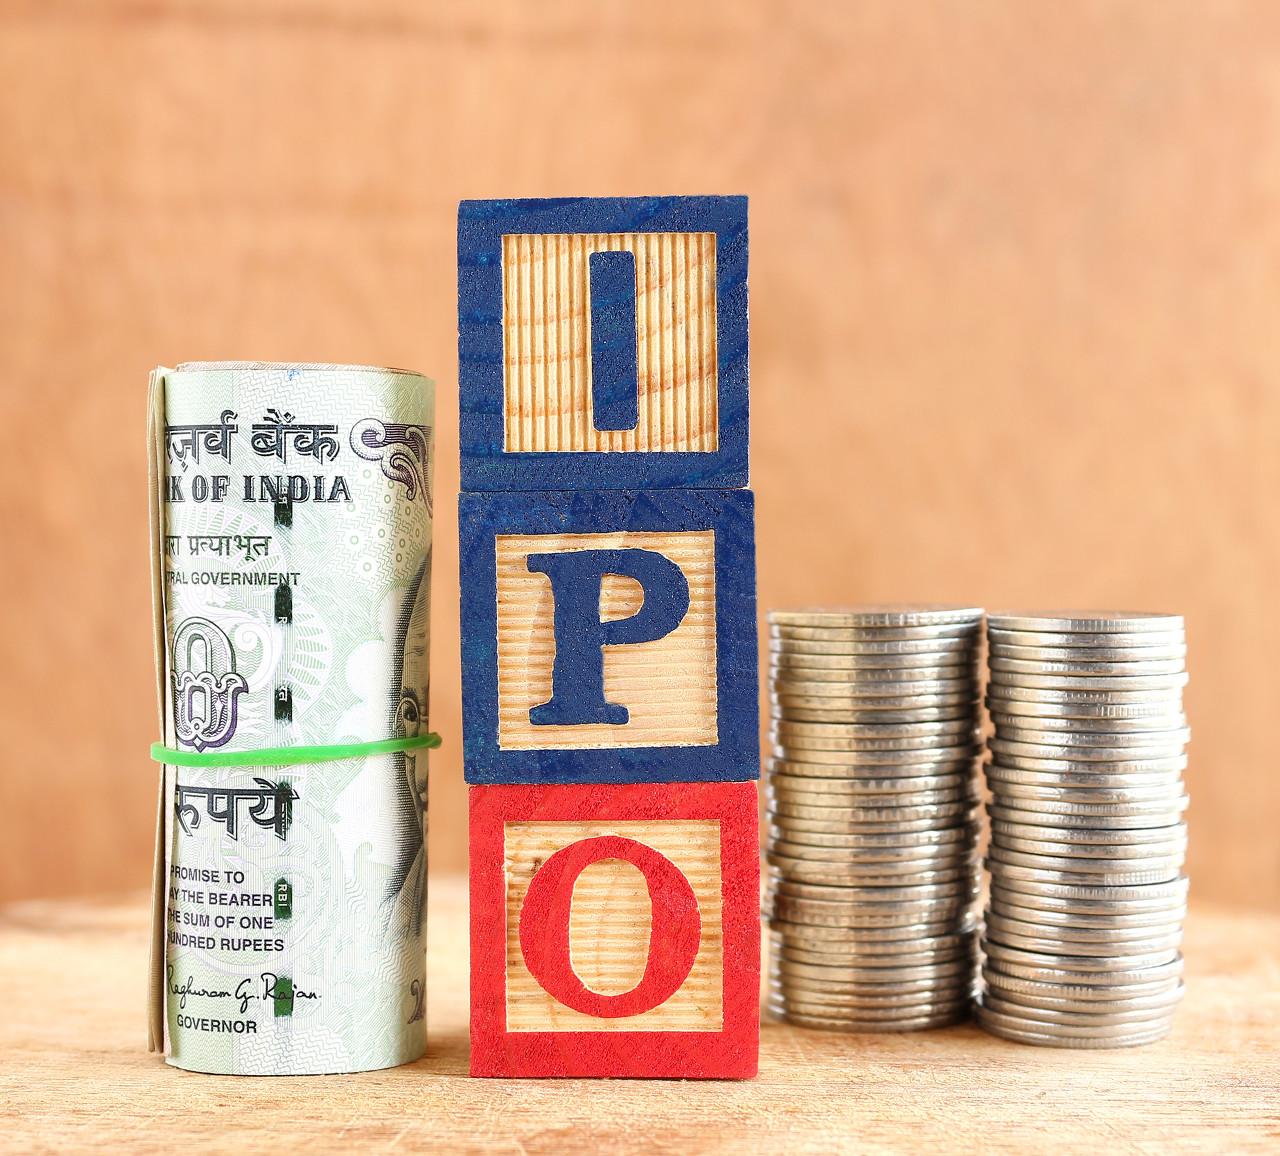 多家拟IPO企业同时被警示,涉及这6家投行!证监会一次性密集出警示函